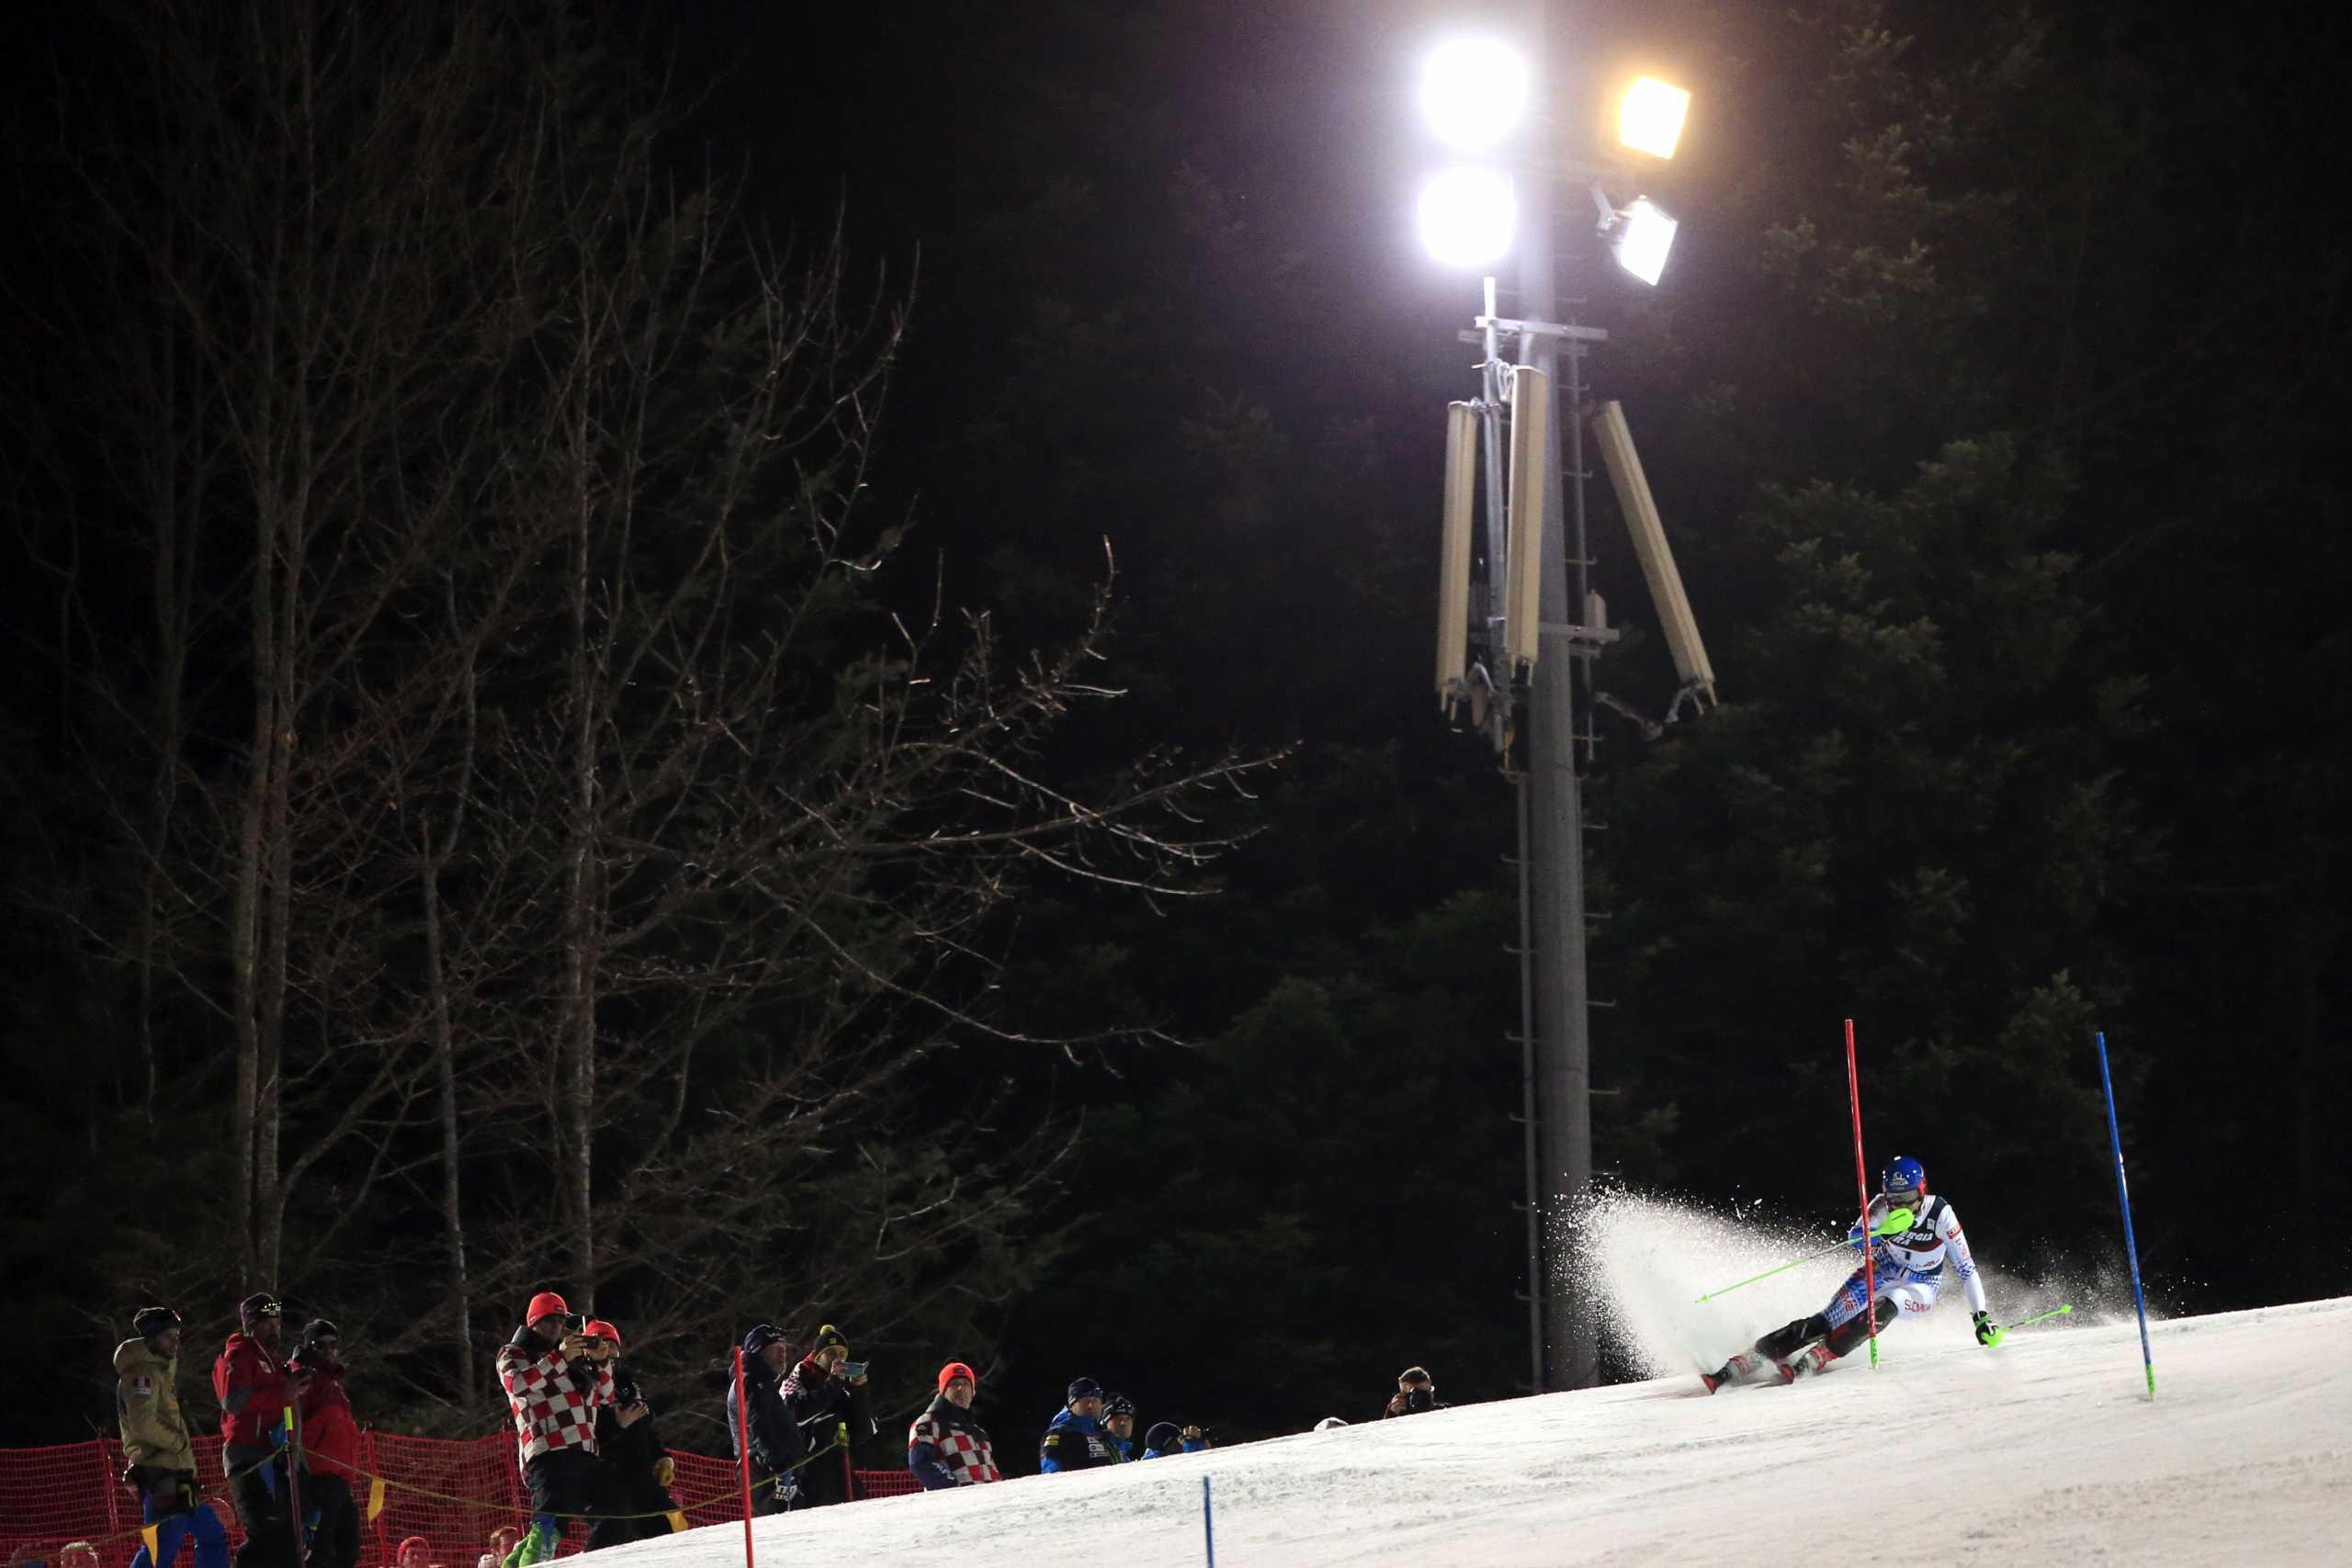 Snow Queen Trophy, domenica lo slalom femminile a Zagabria